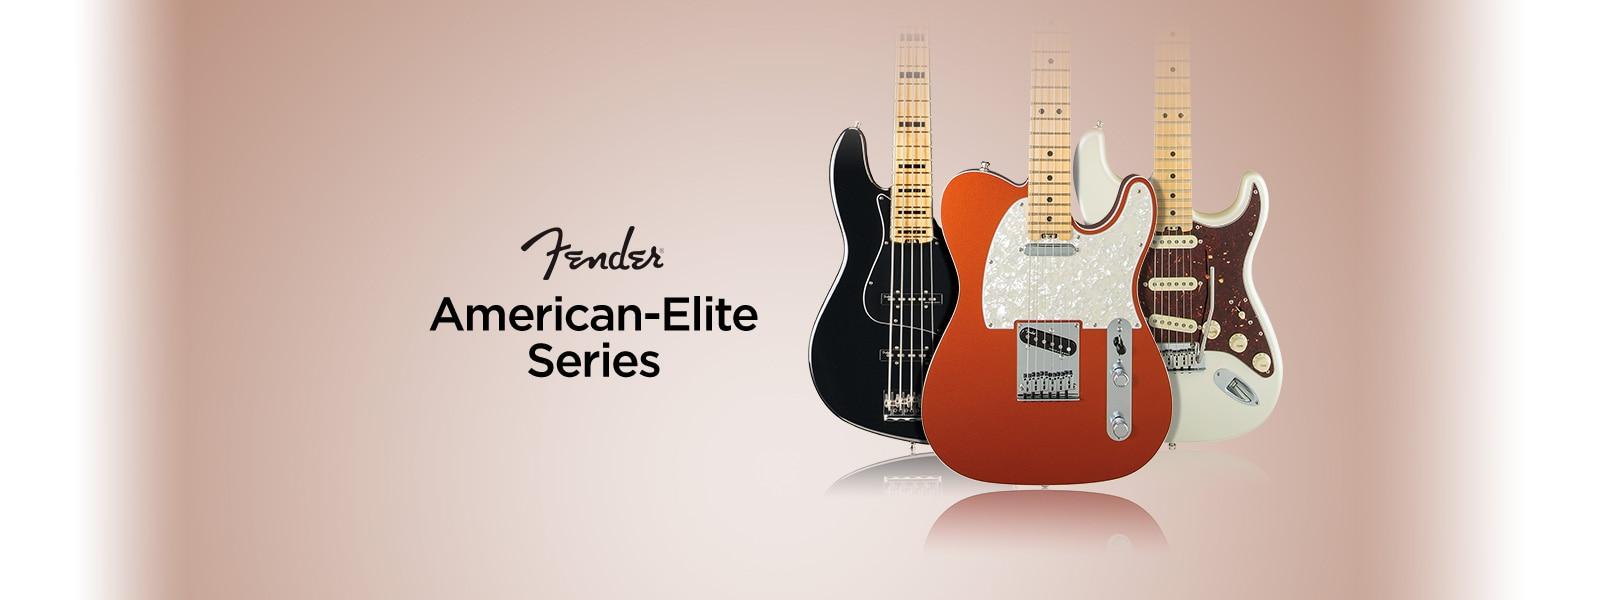 American Elite Series